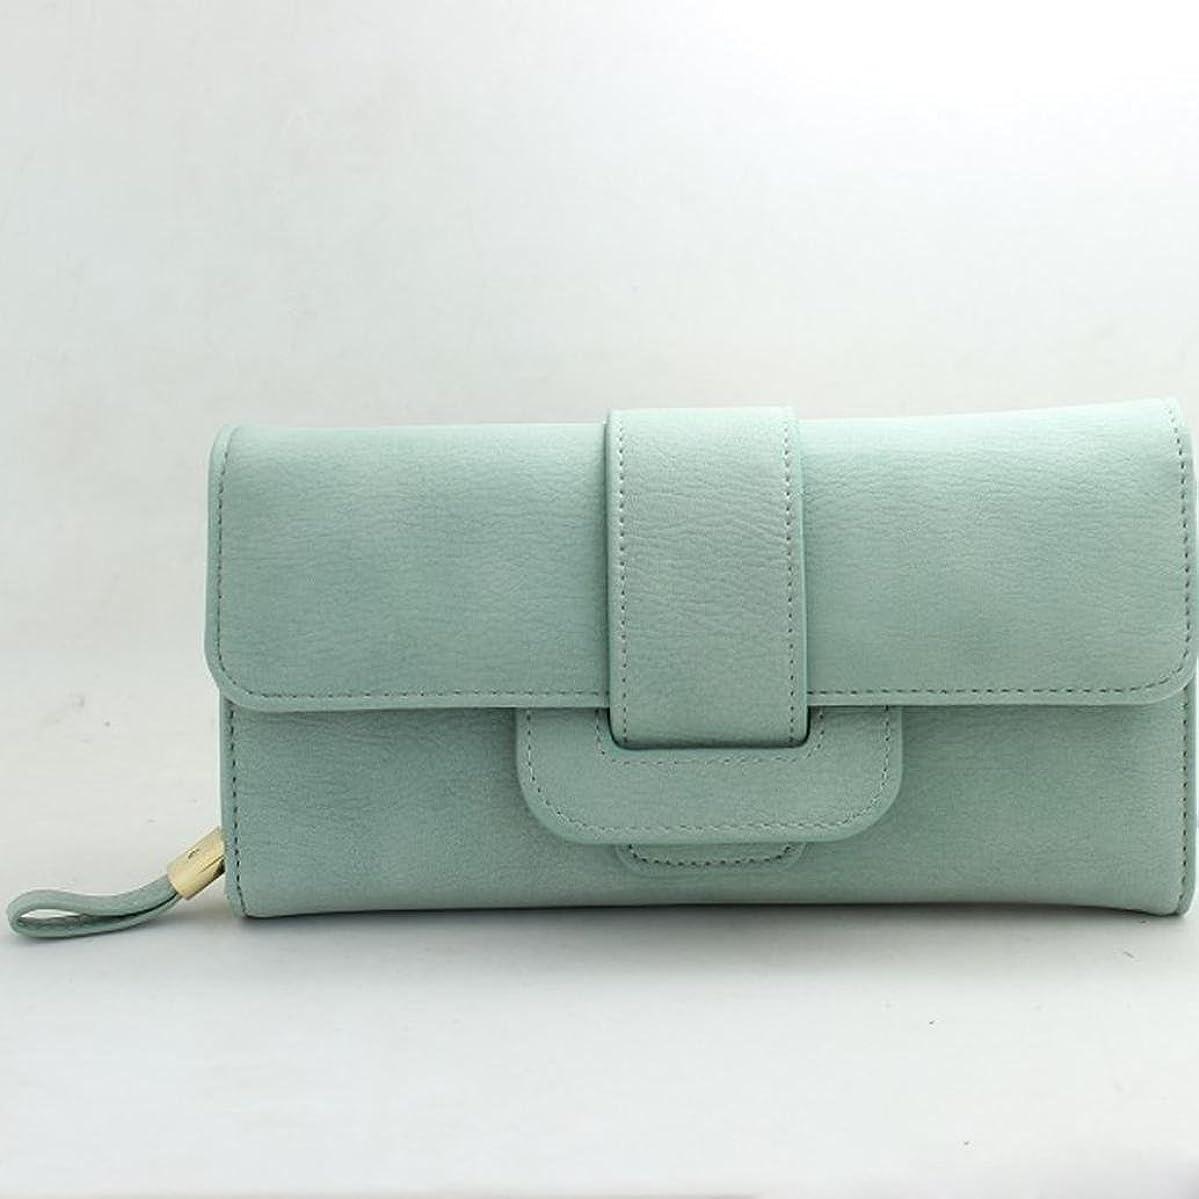 Creazy Lady Women Bifold Purse Clutch Wallet Small Bag Card Holder Quality Handbag (Green)